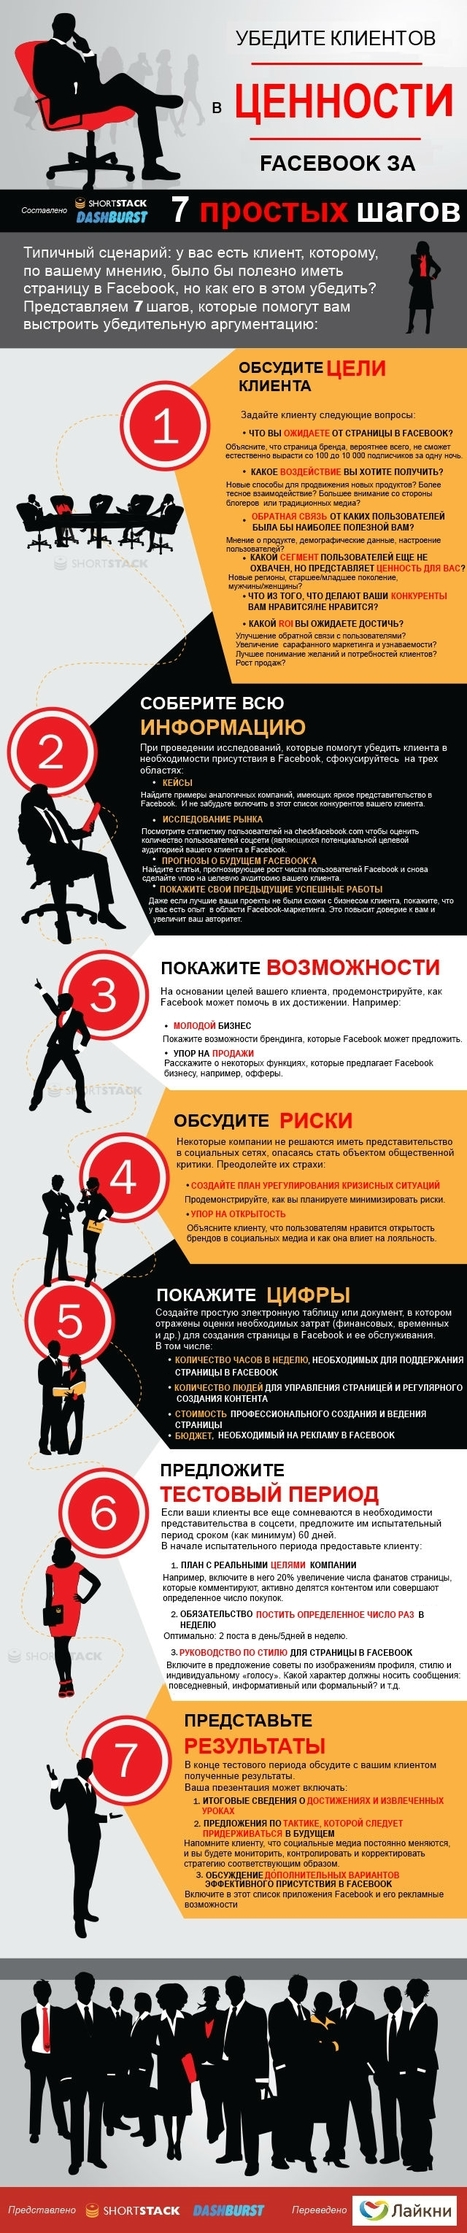 Инфографика: Покажи клиентам ценность Facebook за 7 шагов | SEO, SMM | Scoop.it